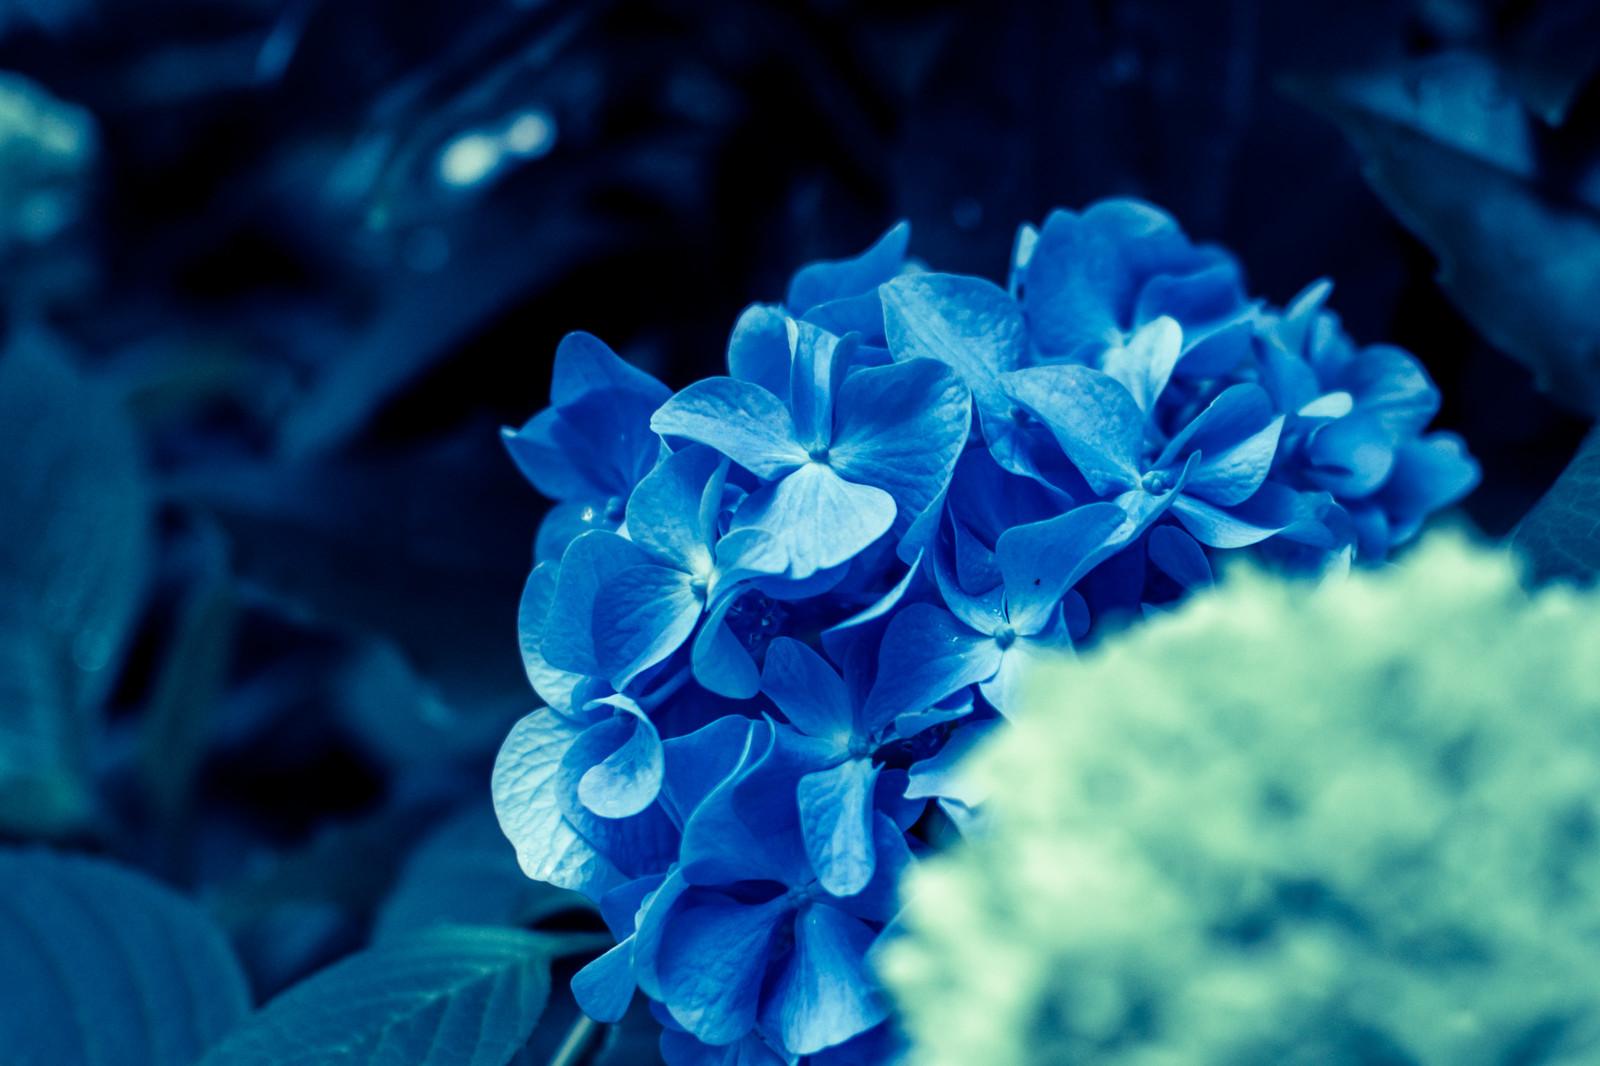 雲昌寺は秋田のあじさいの名所!青一色に染まる絶景を見に行こう!